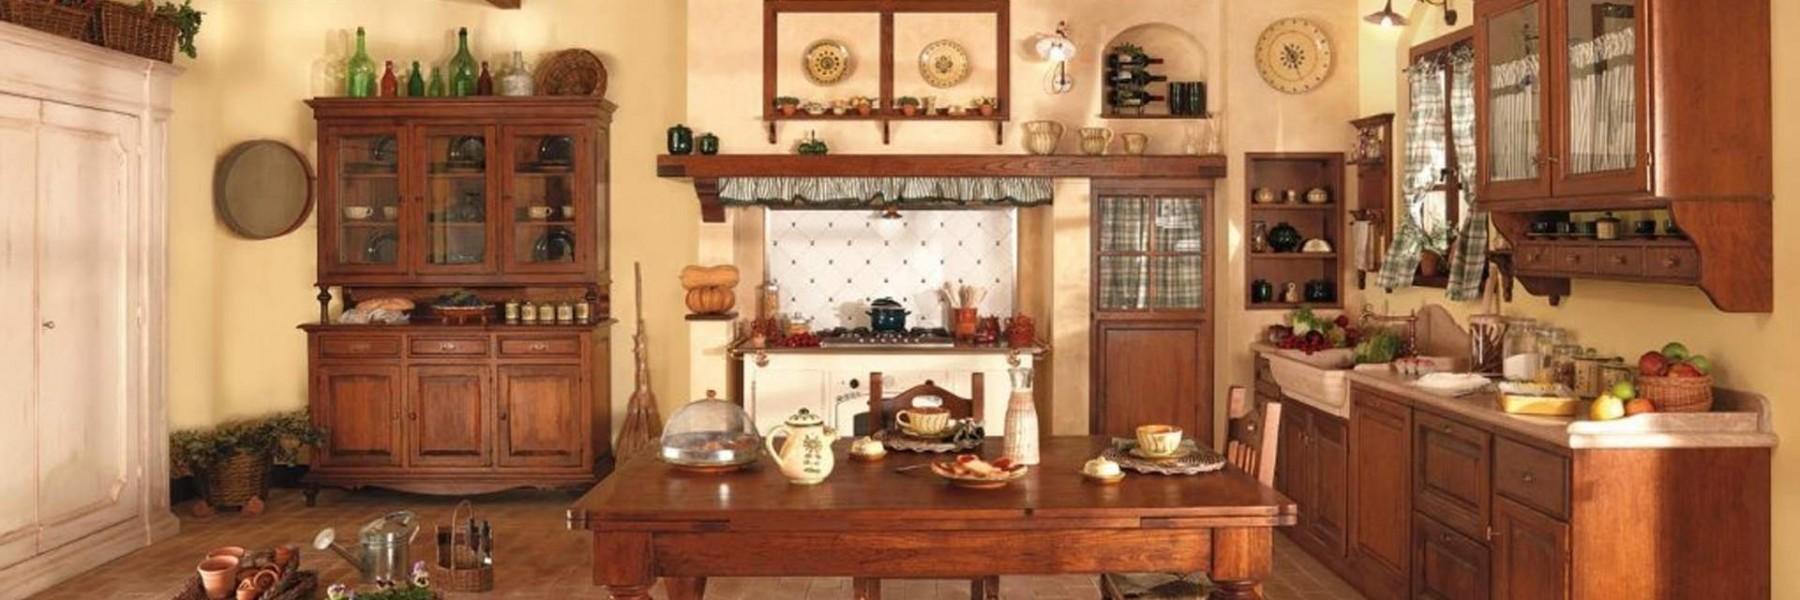 Cucine in muratura antichi sapori - Cucine artigianali in legno massello ...